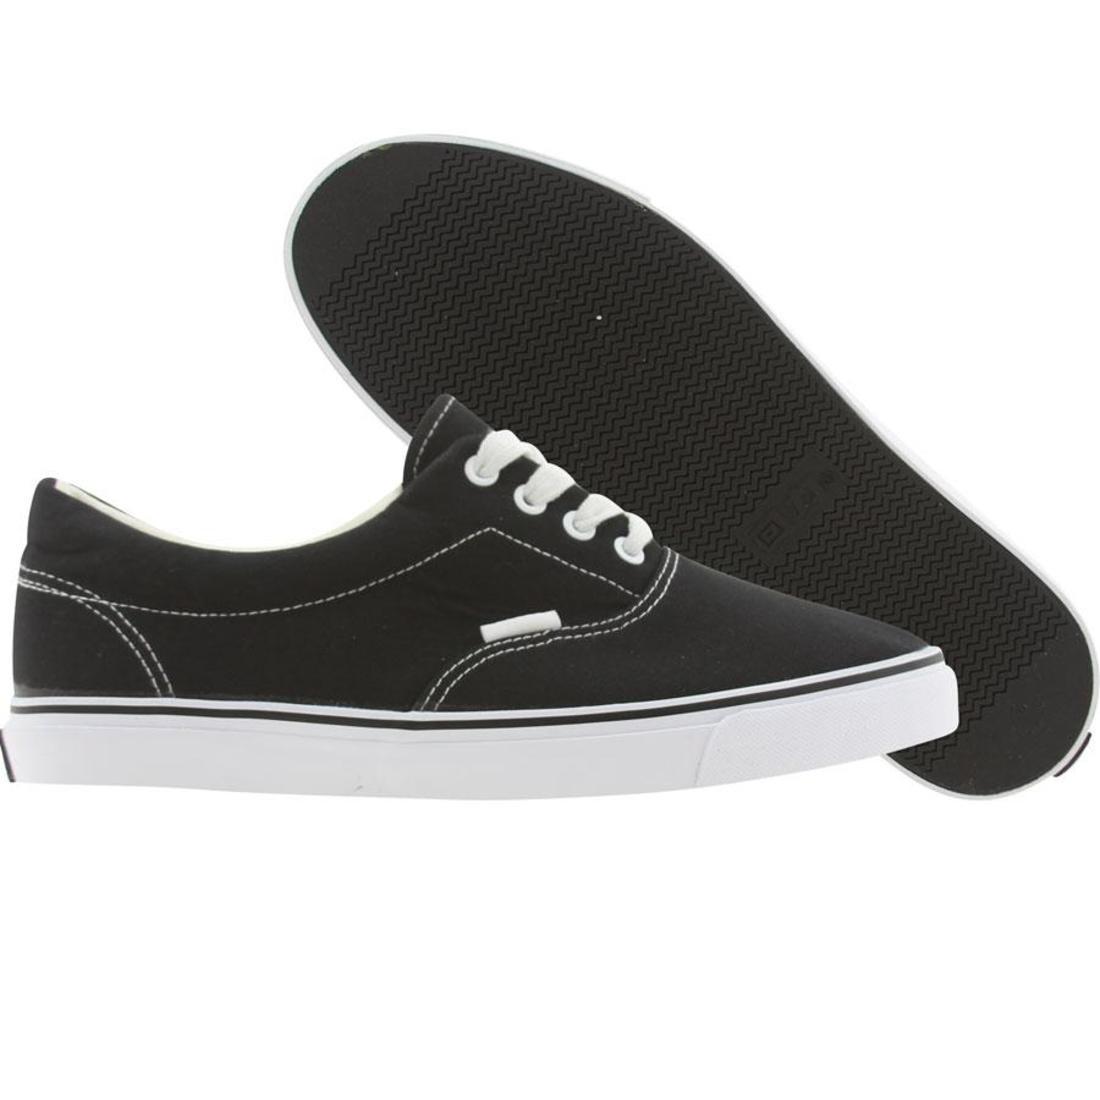 【海外限定】ウォリアー クラブ メンズ靴 スニーカー 【 PYS X WARRIOR CLUB BLACK 】